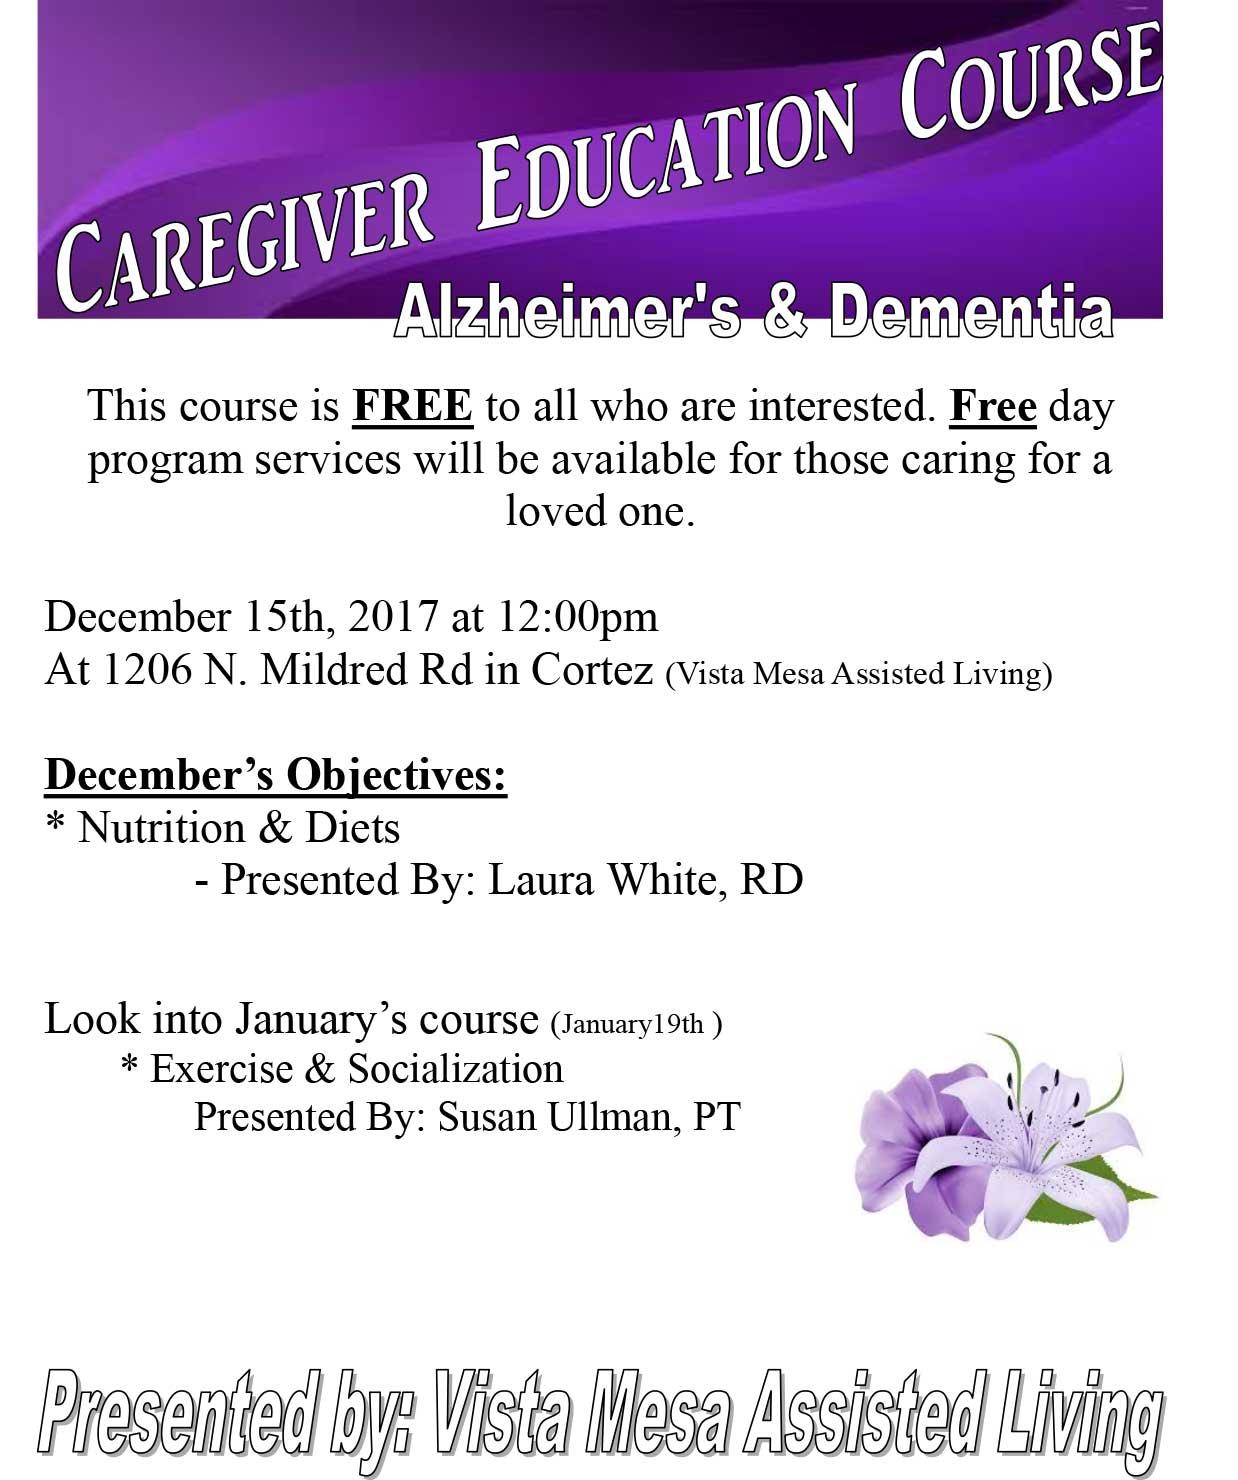 Caregivereducation-ad-Dec